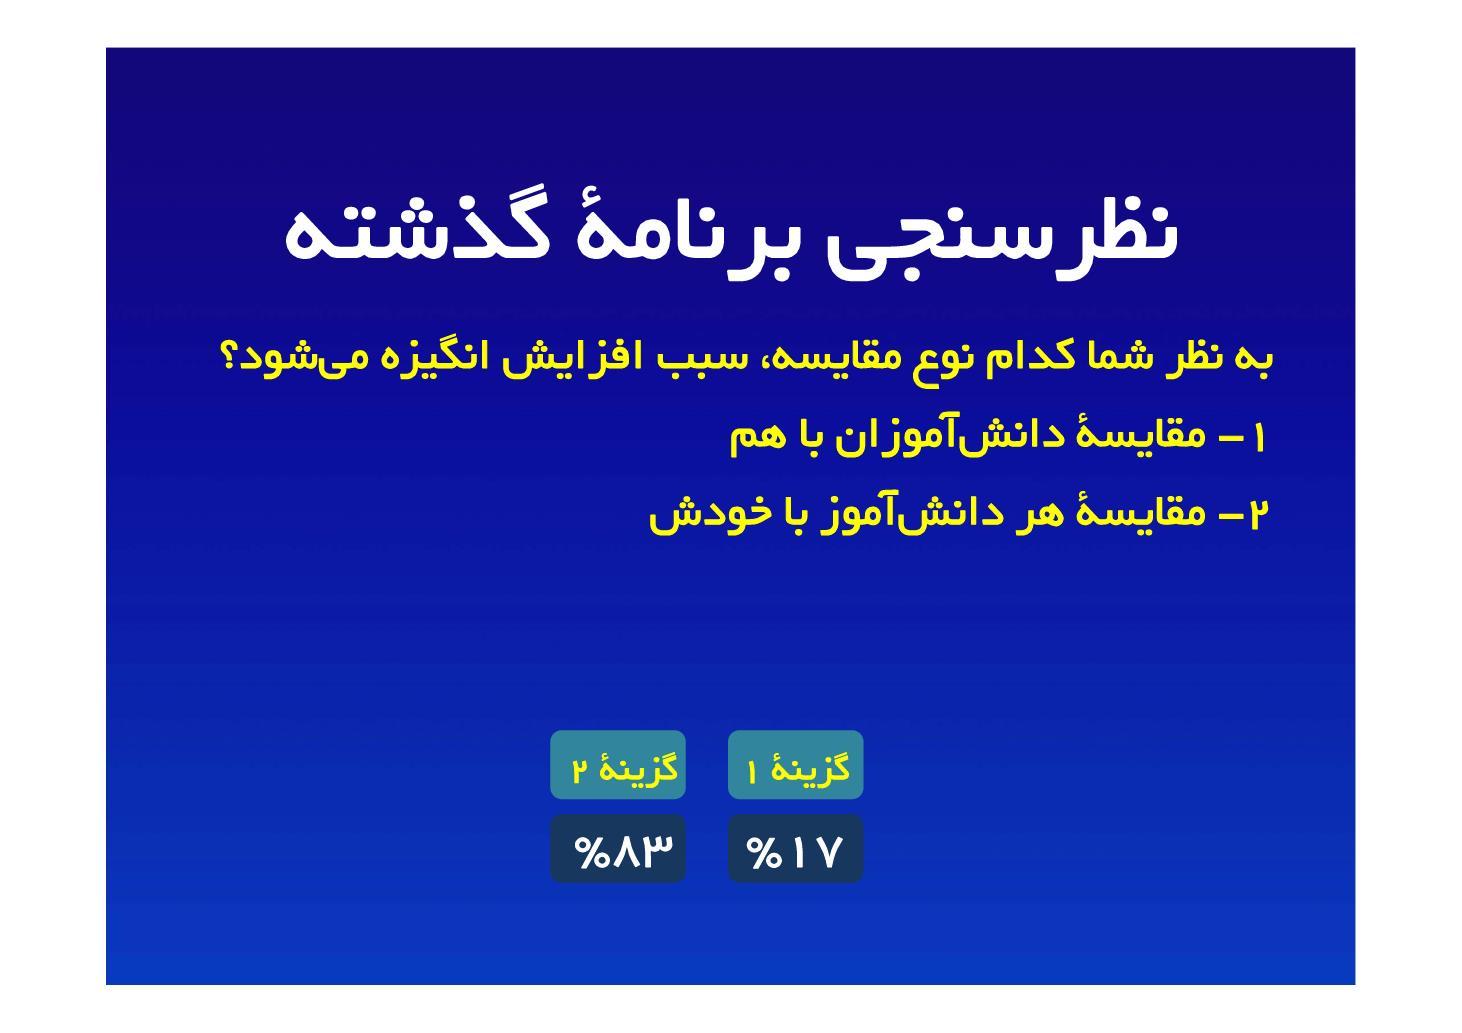 گزینه جوان / 10 اسفند : ارزشيابی پیشرفت تحصیلی در سند تحول - ویژه دوره اول متوسطه (PDF)